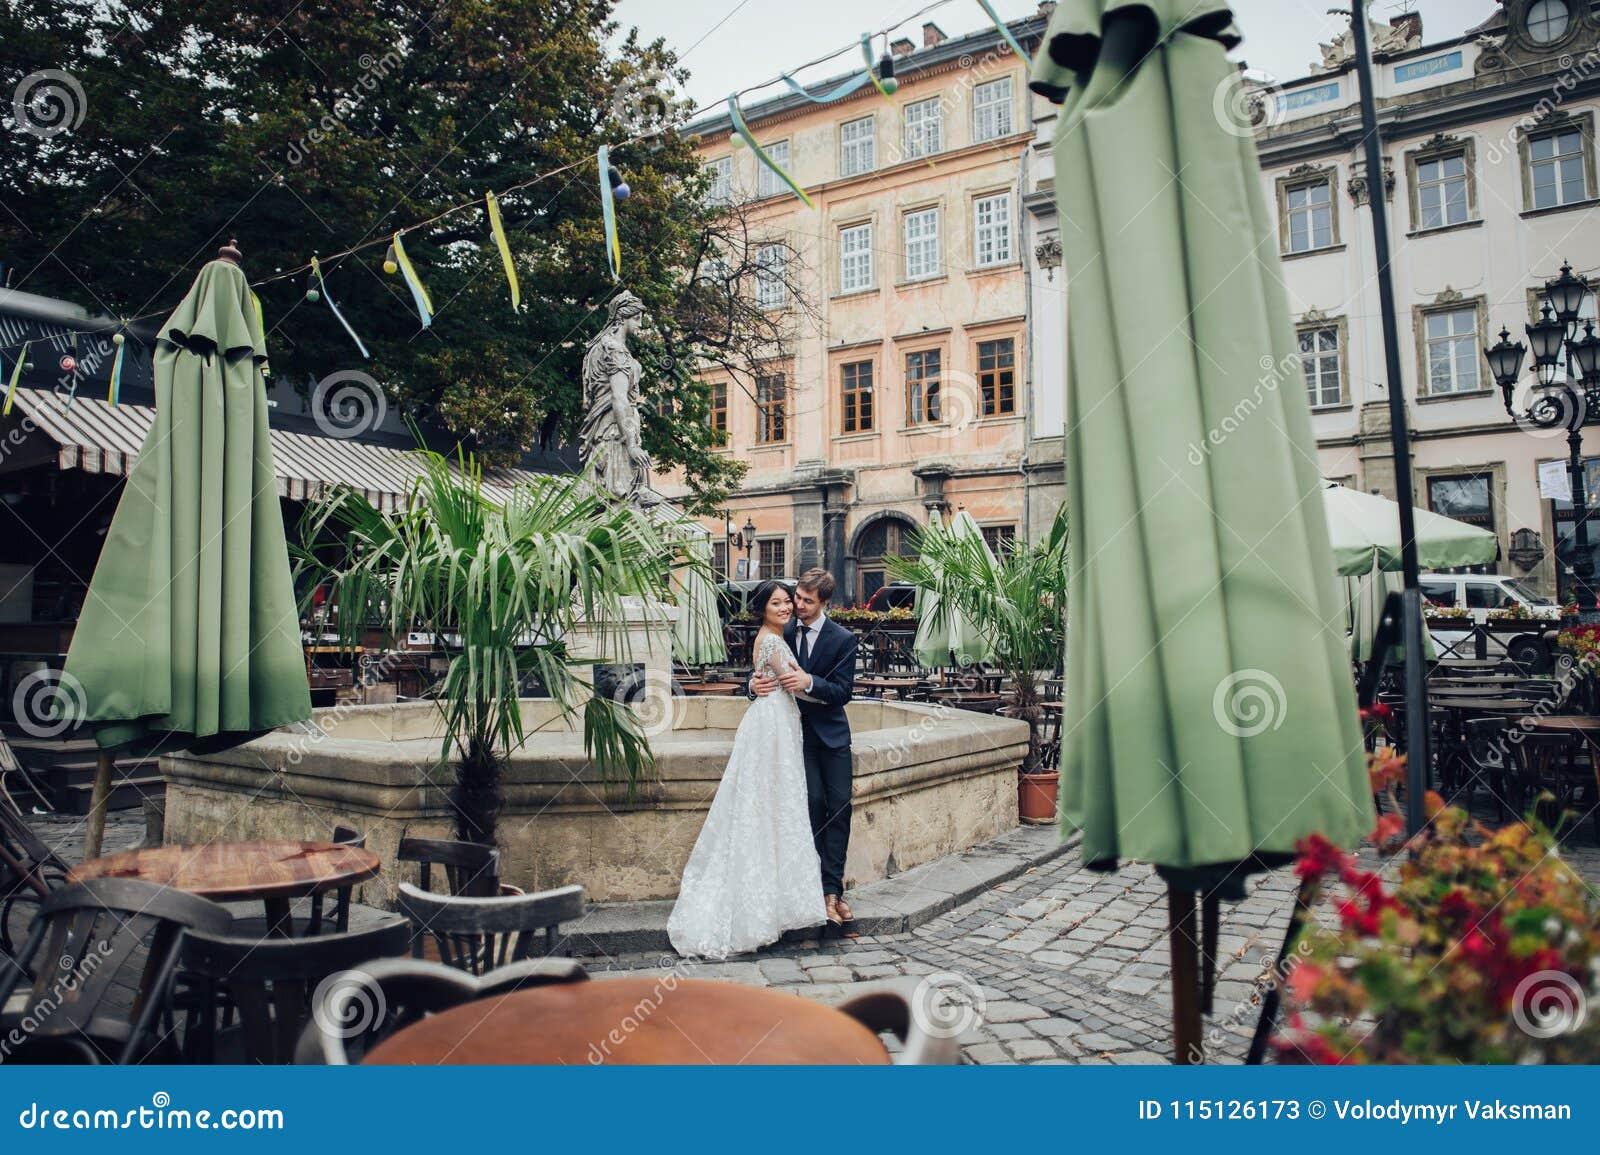 Κομψή νύφη με το νεόνυμφο που περπατά κοντά στον παλαιό καθολικό καθεδρικό ναό